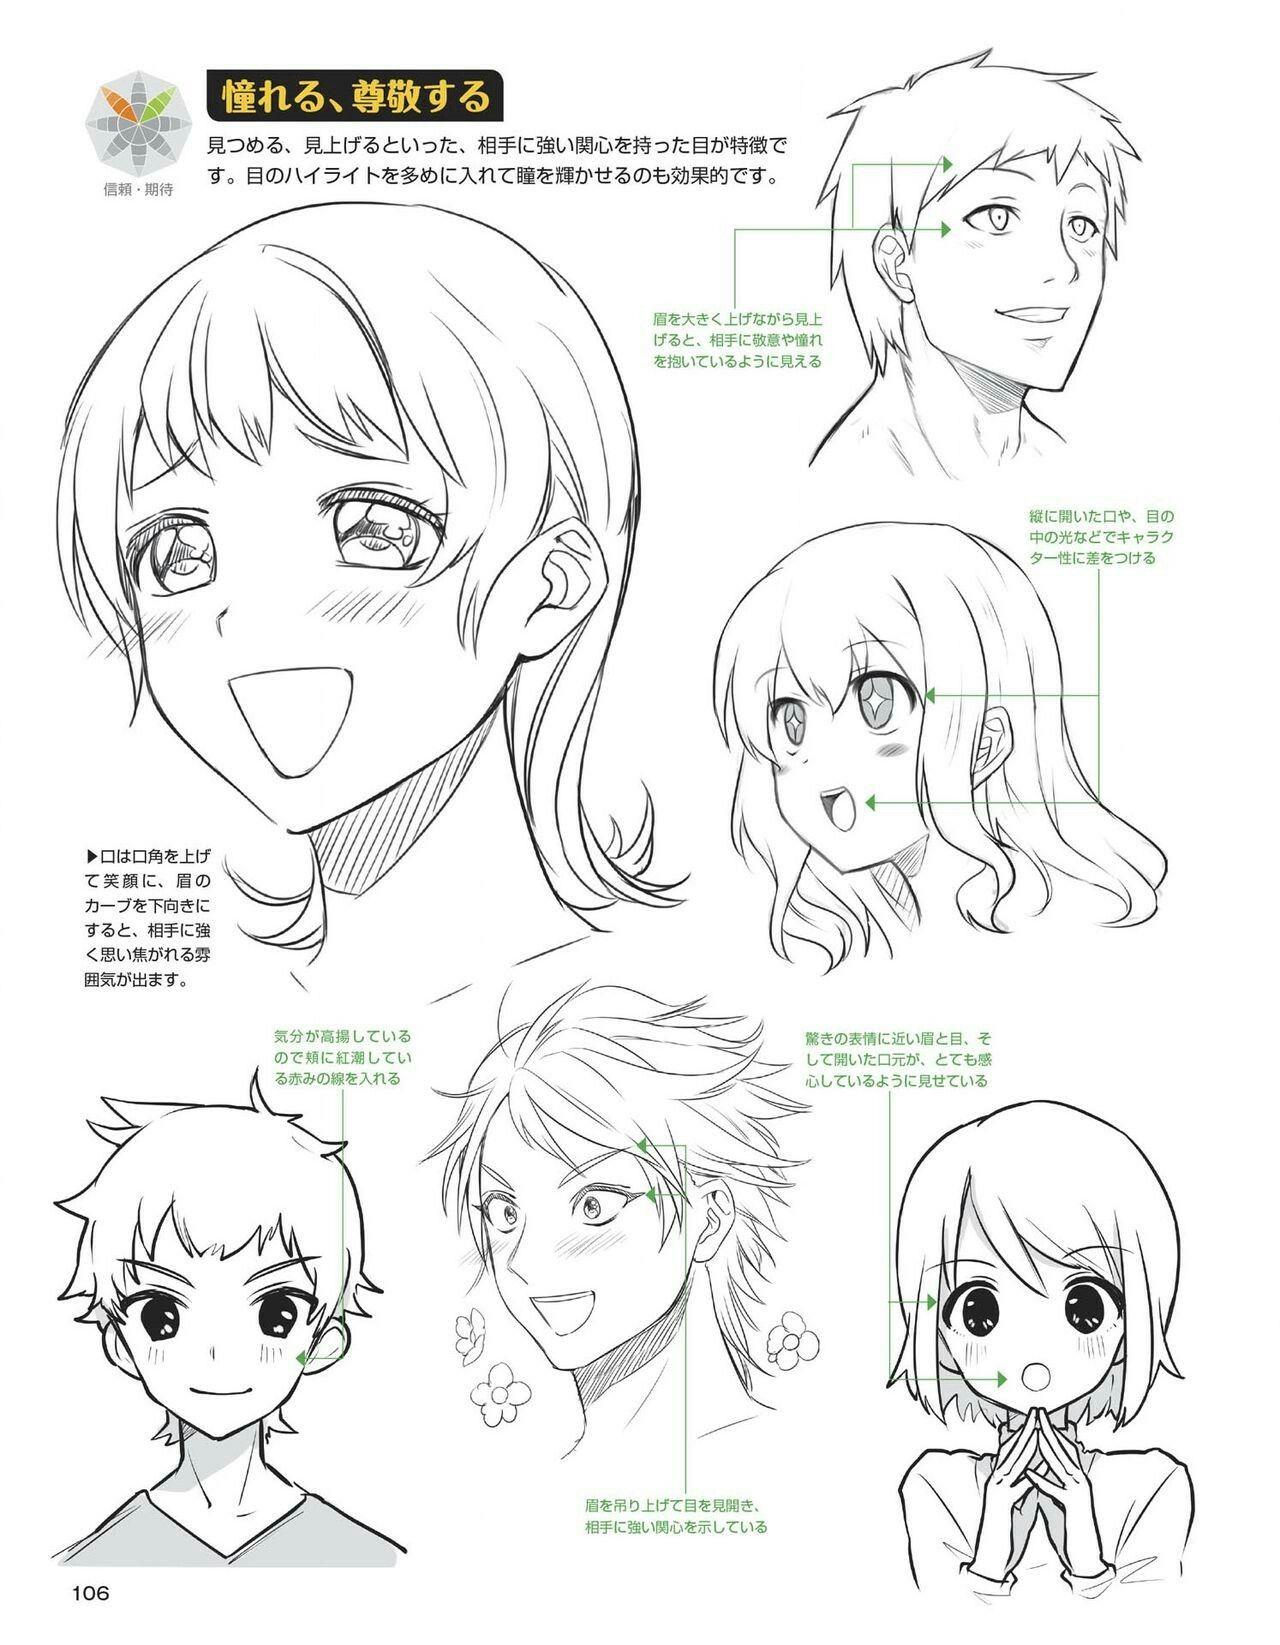 ปารถนา,มีความหวัง Manga drawing tutorials, Drawing